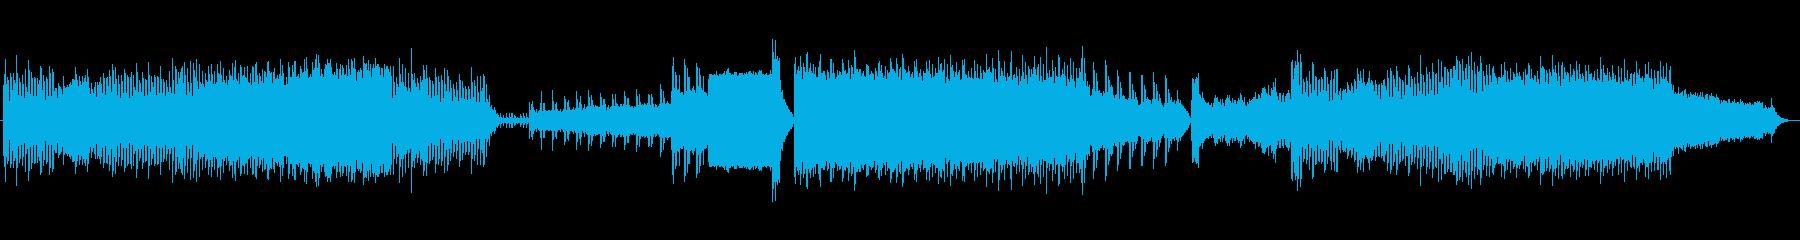 90'sを思い出すようなトランス曲です。の再生済みの波形